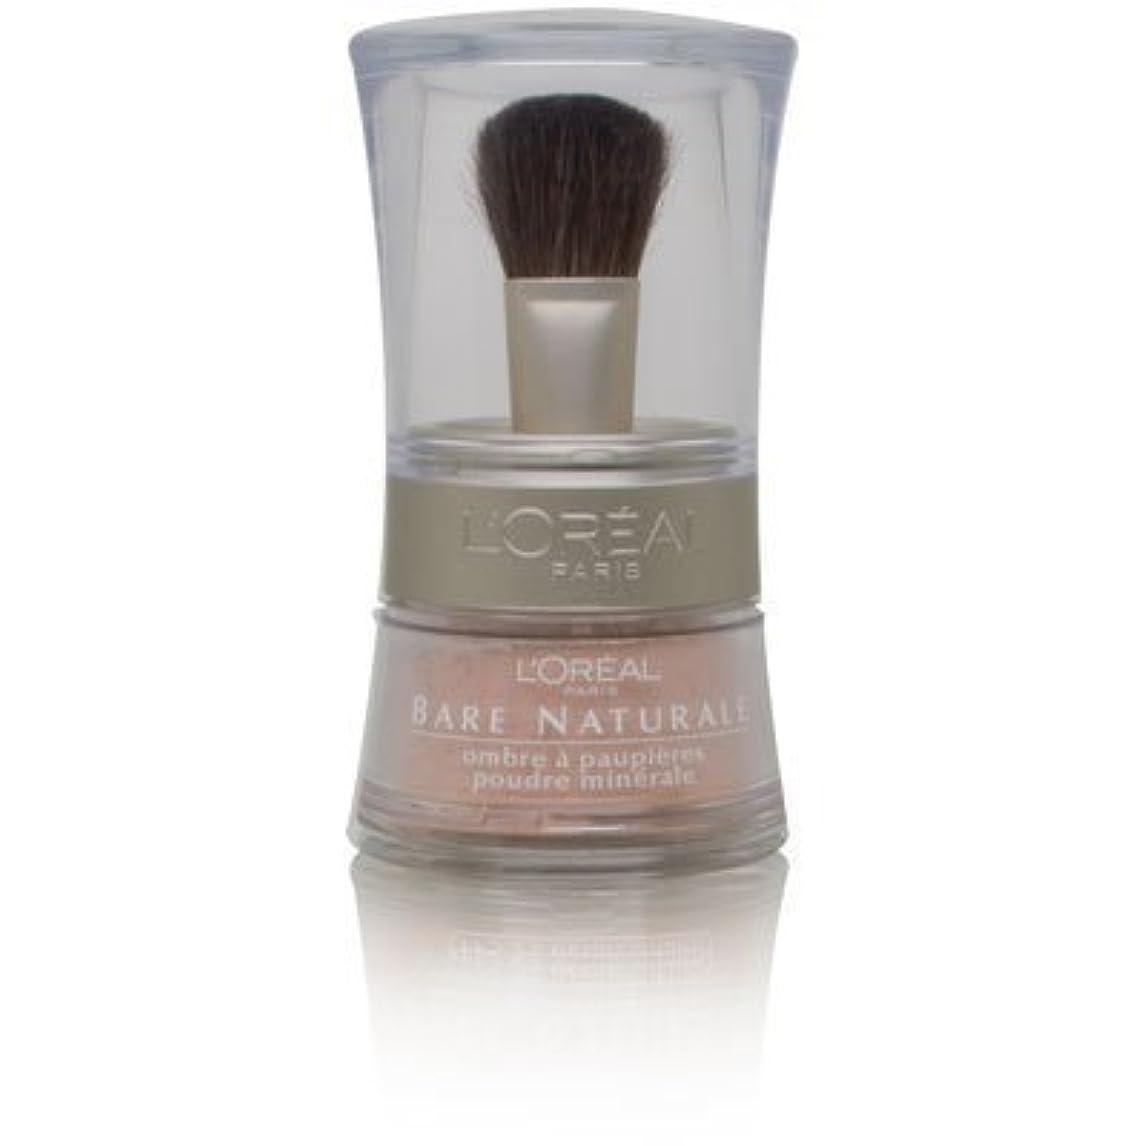 歌うはい鼻L'Oreal Bare Naturale Gentle Mineral Eyeshadow Bare Nude 846